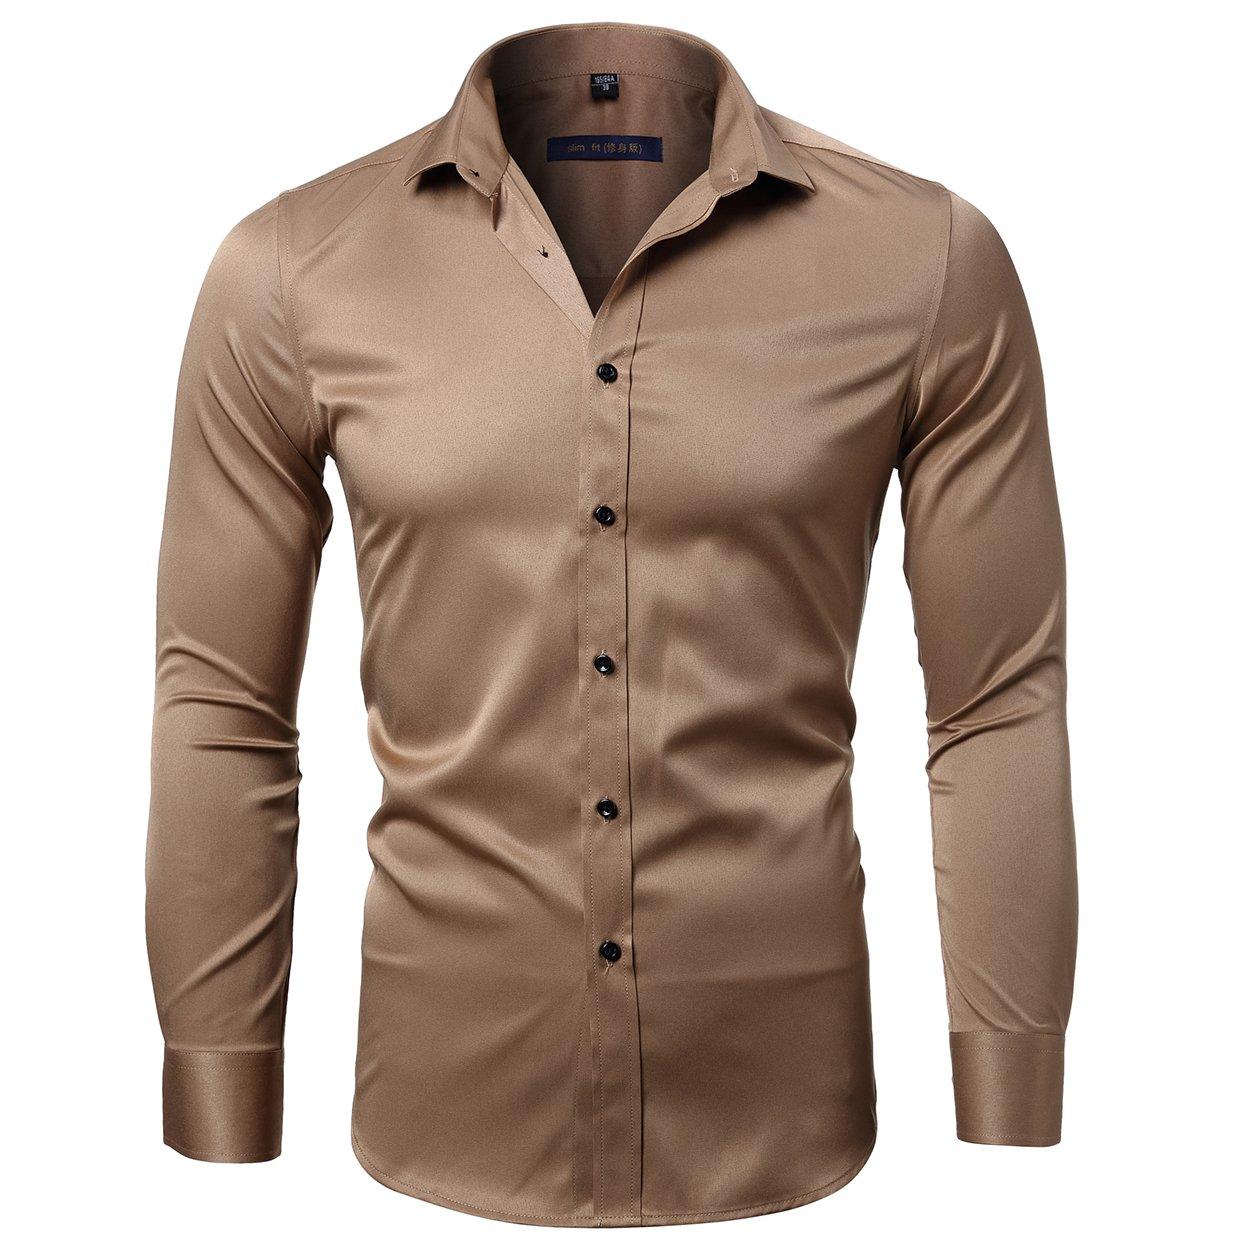 TALLA 44/Cuello 44CM --Pecho 121CM. KelaSip Camisa para Hombres Transpirable Manga Larga Color Sólido para Hombres Slim Fit Formales/Casual Camisas Negocios Clásico Bambú Fibra Camisa Tops Blusa para Hombres,7 Tamaños 5 Colores